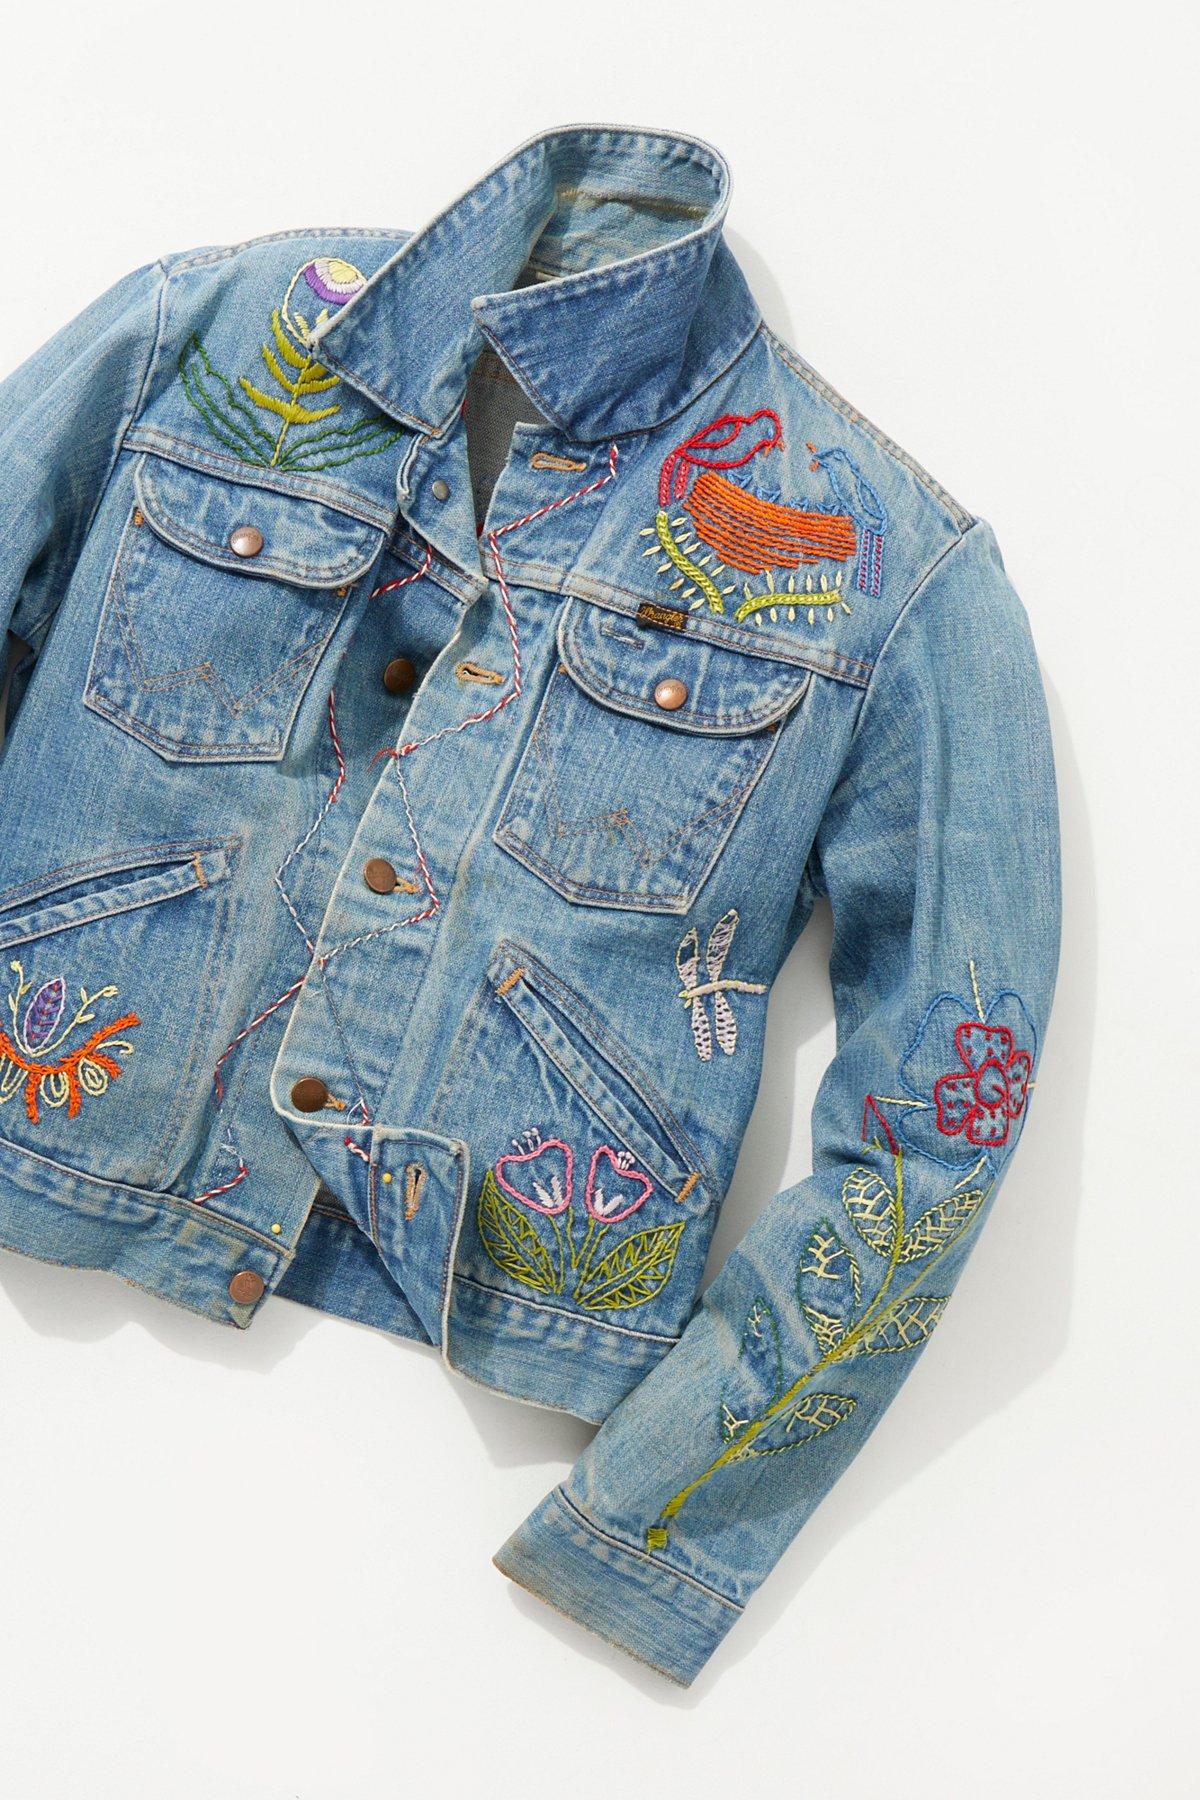 Vintage loves s hand embroidered denim jacket